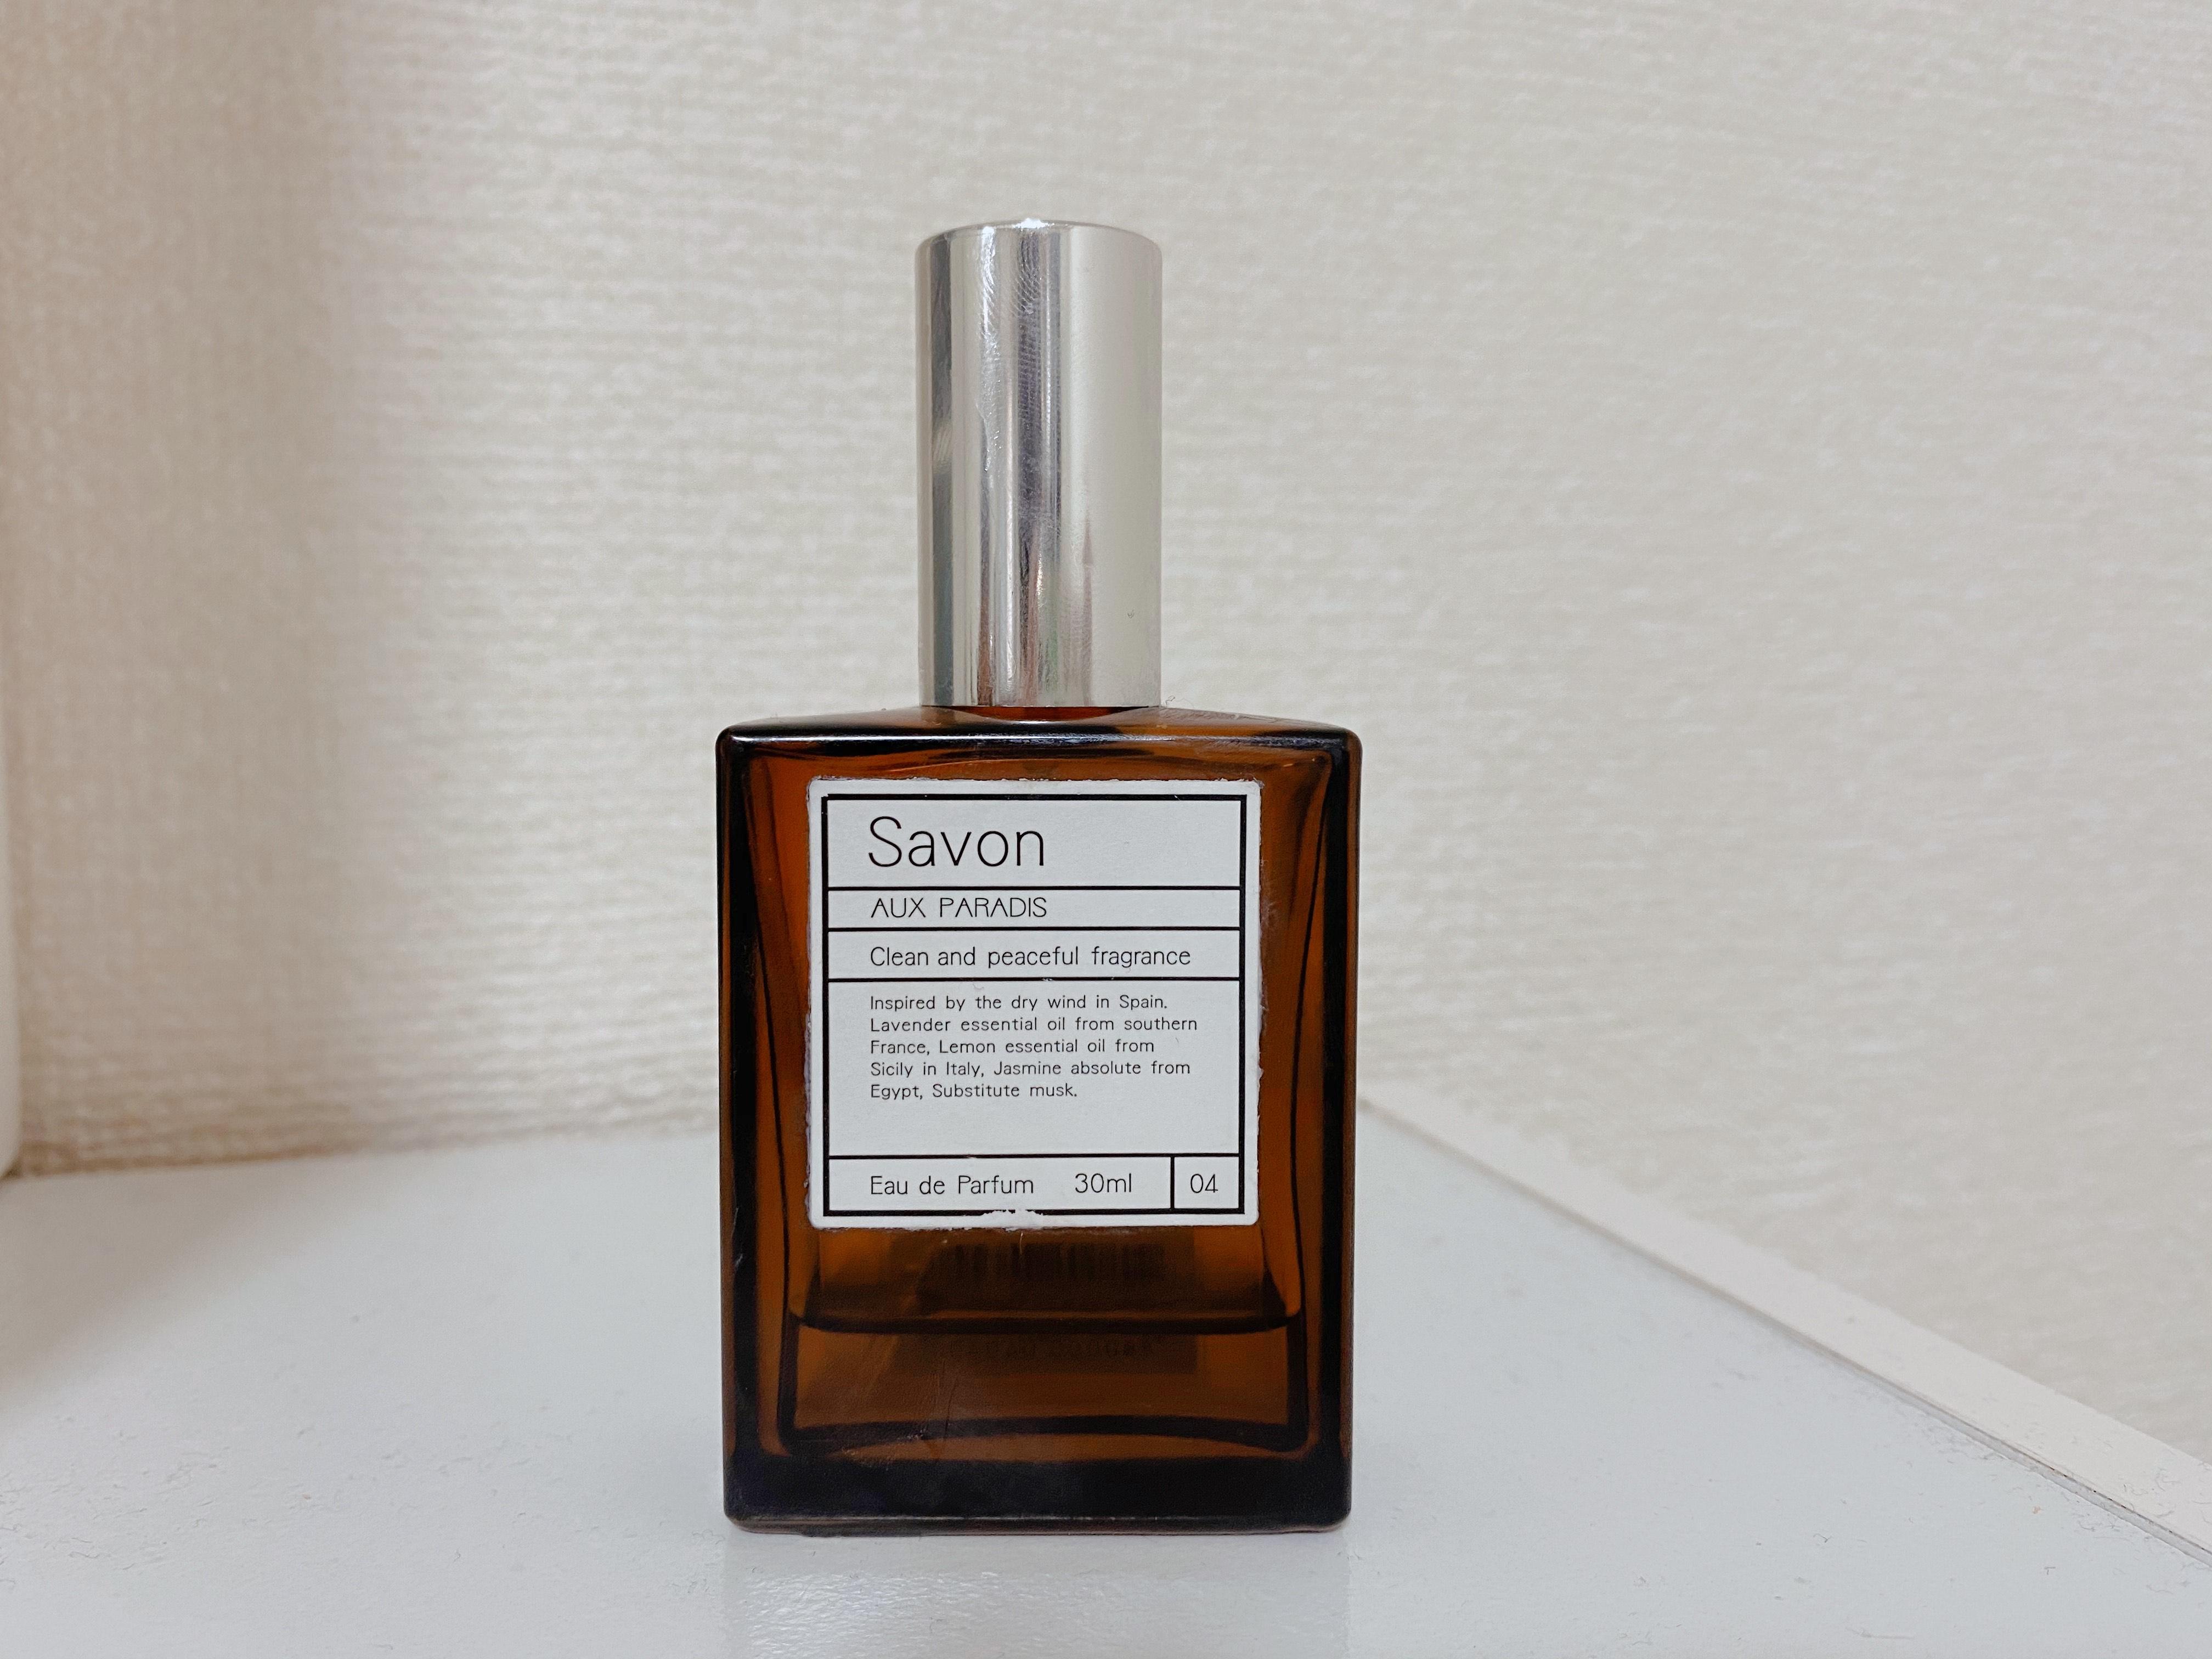 ナチュラルモテ香水【AUX PARADIS】いい香りがするって絶対褒められちゃう!自然派オードパルファム_2